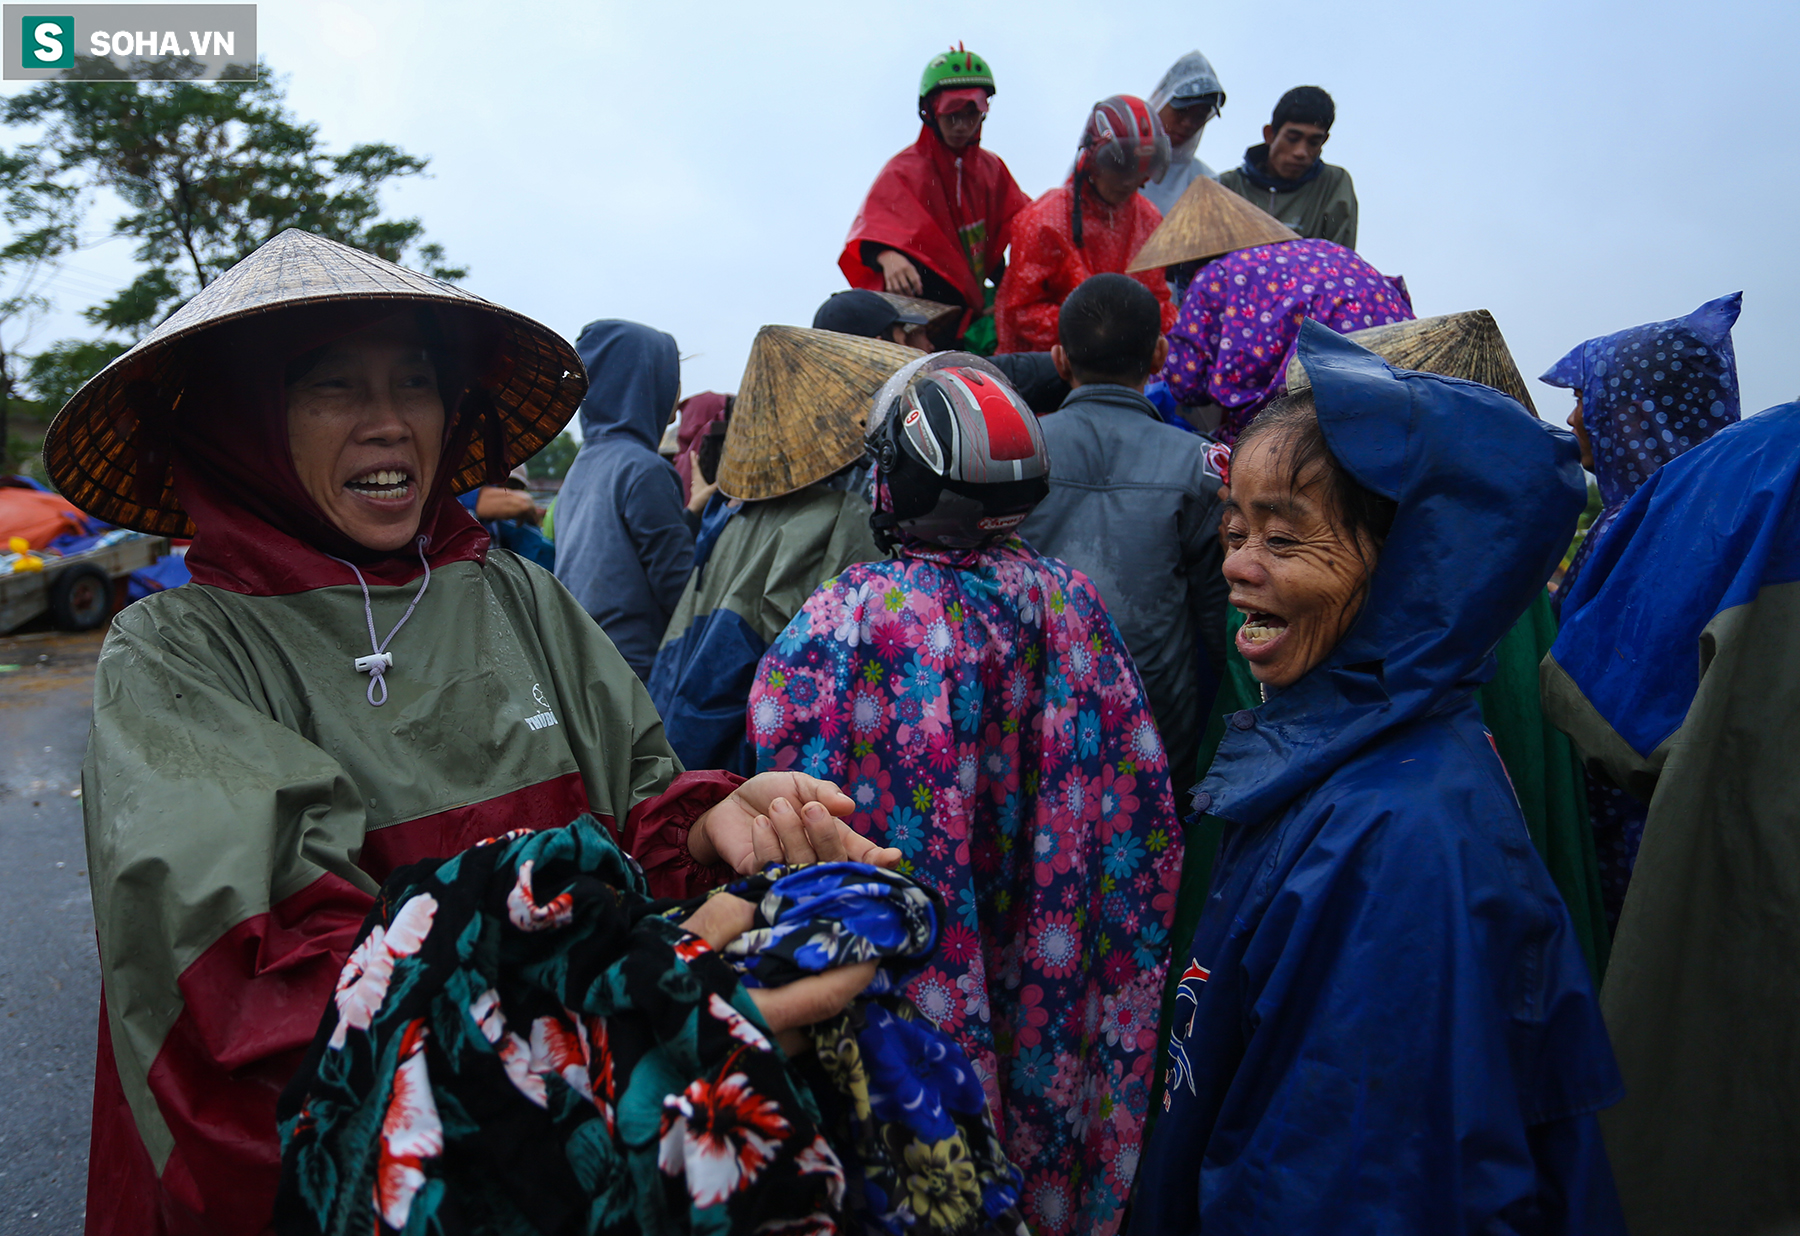 [Ảnh] Người phụ nữ ở Quảng Bình lao ra dòng nước lũ xin đồ ăn cho mẹ già bật khóc khi được cứu hộ khỏi ghe lật  - Ảnh 8.